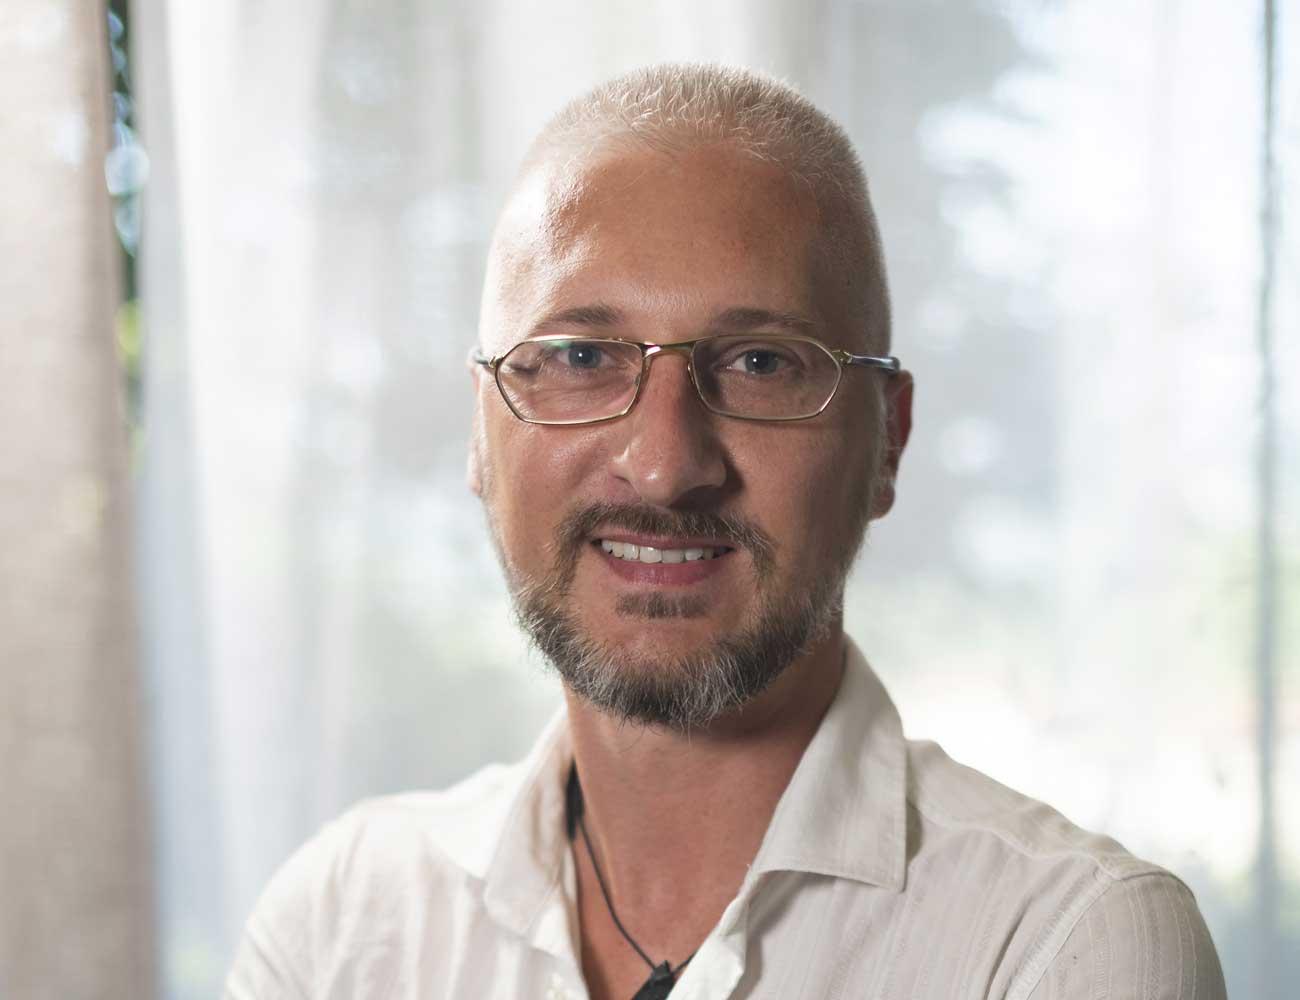 Daniele Fenu